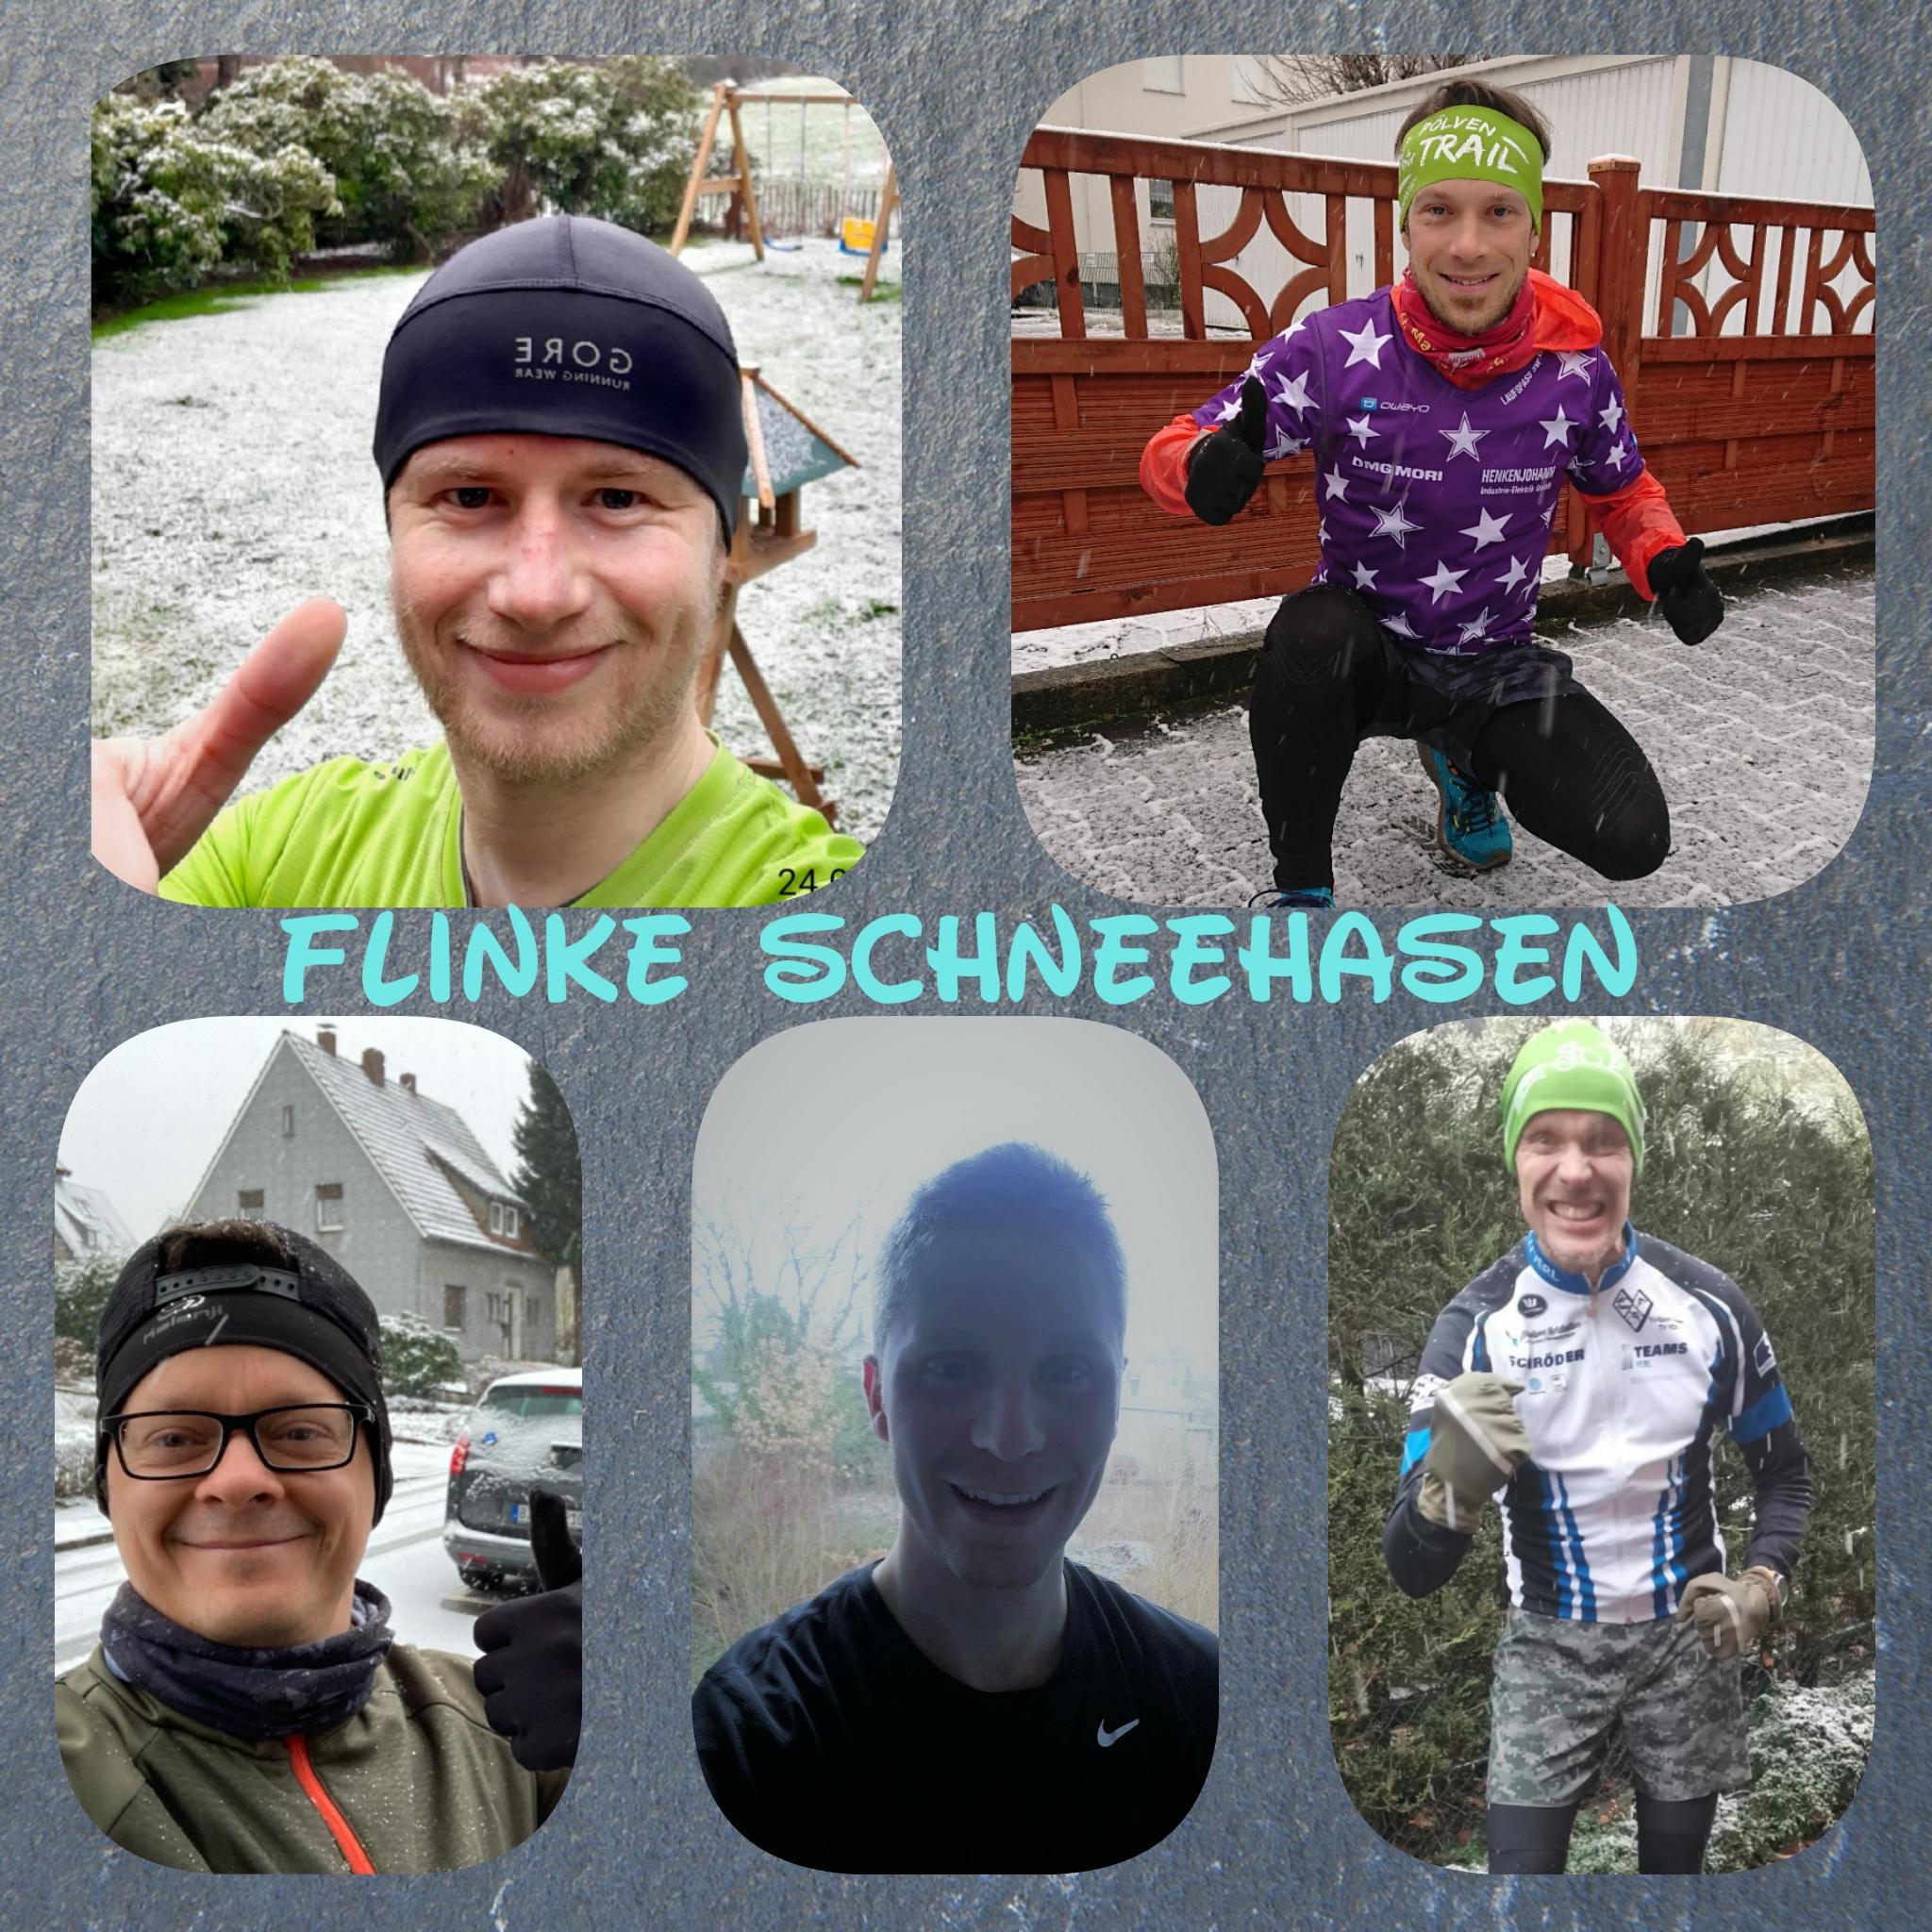 Zipter-Jan-Alrik-4-Challenge-Marathon-Team-eMblz